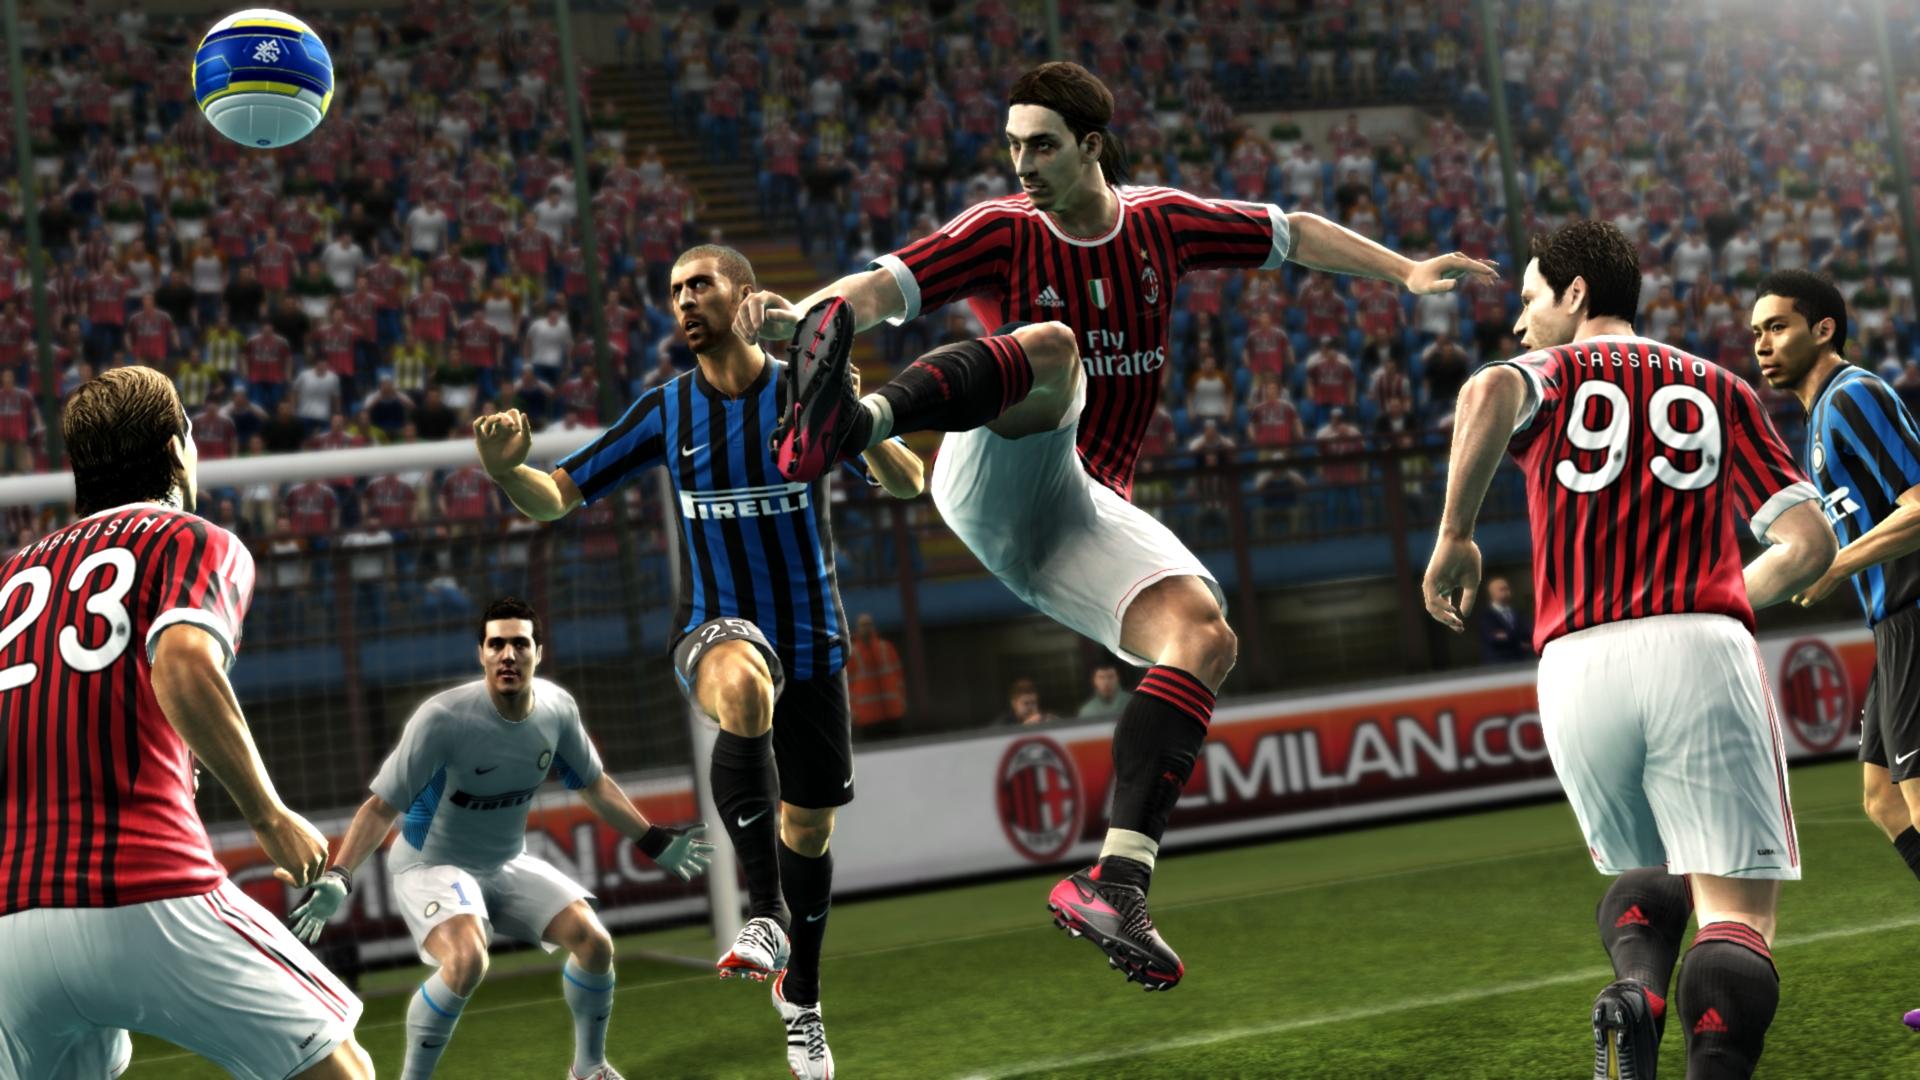 Descarga el demo de Pro Evolution Soccer 2013 para PC y Xbox 360 AHORA YA! [PES 2013]